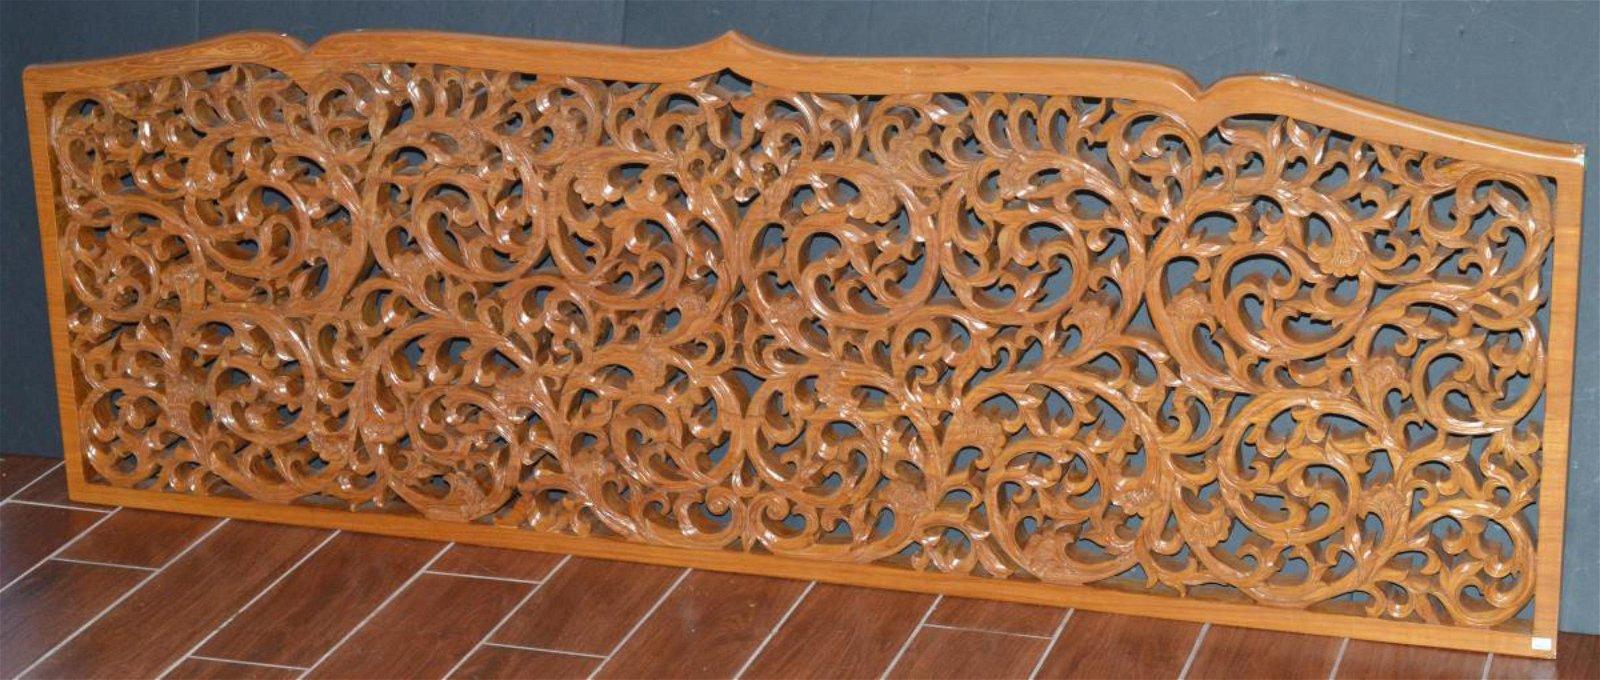 Wood Carved Teak Thai Style Ornate Headboard